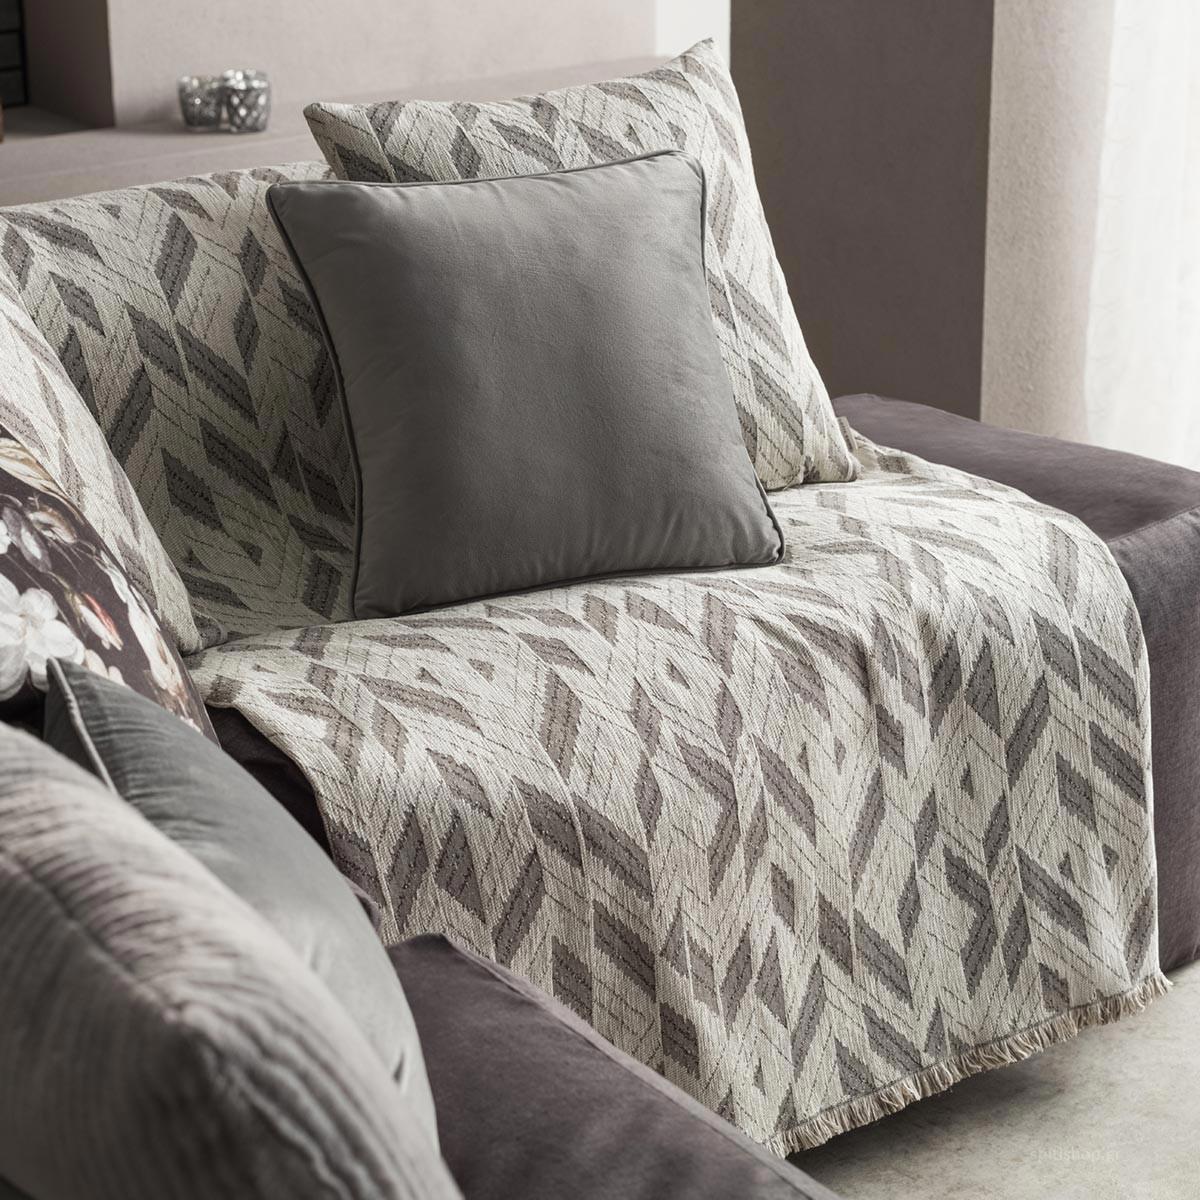 Ριχτάρι Τετραθέσιου (180×350) Gofis Home Niagra Grey 842/15